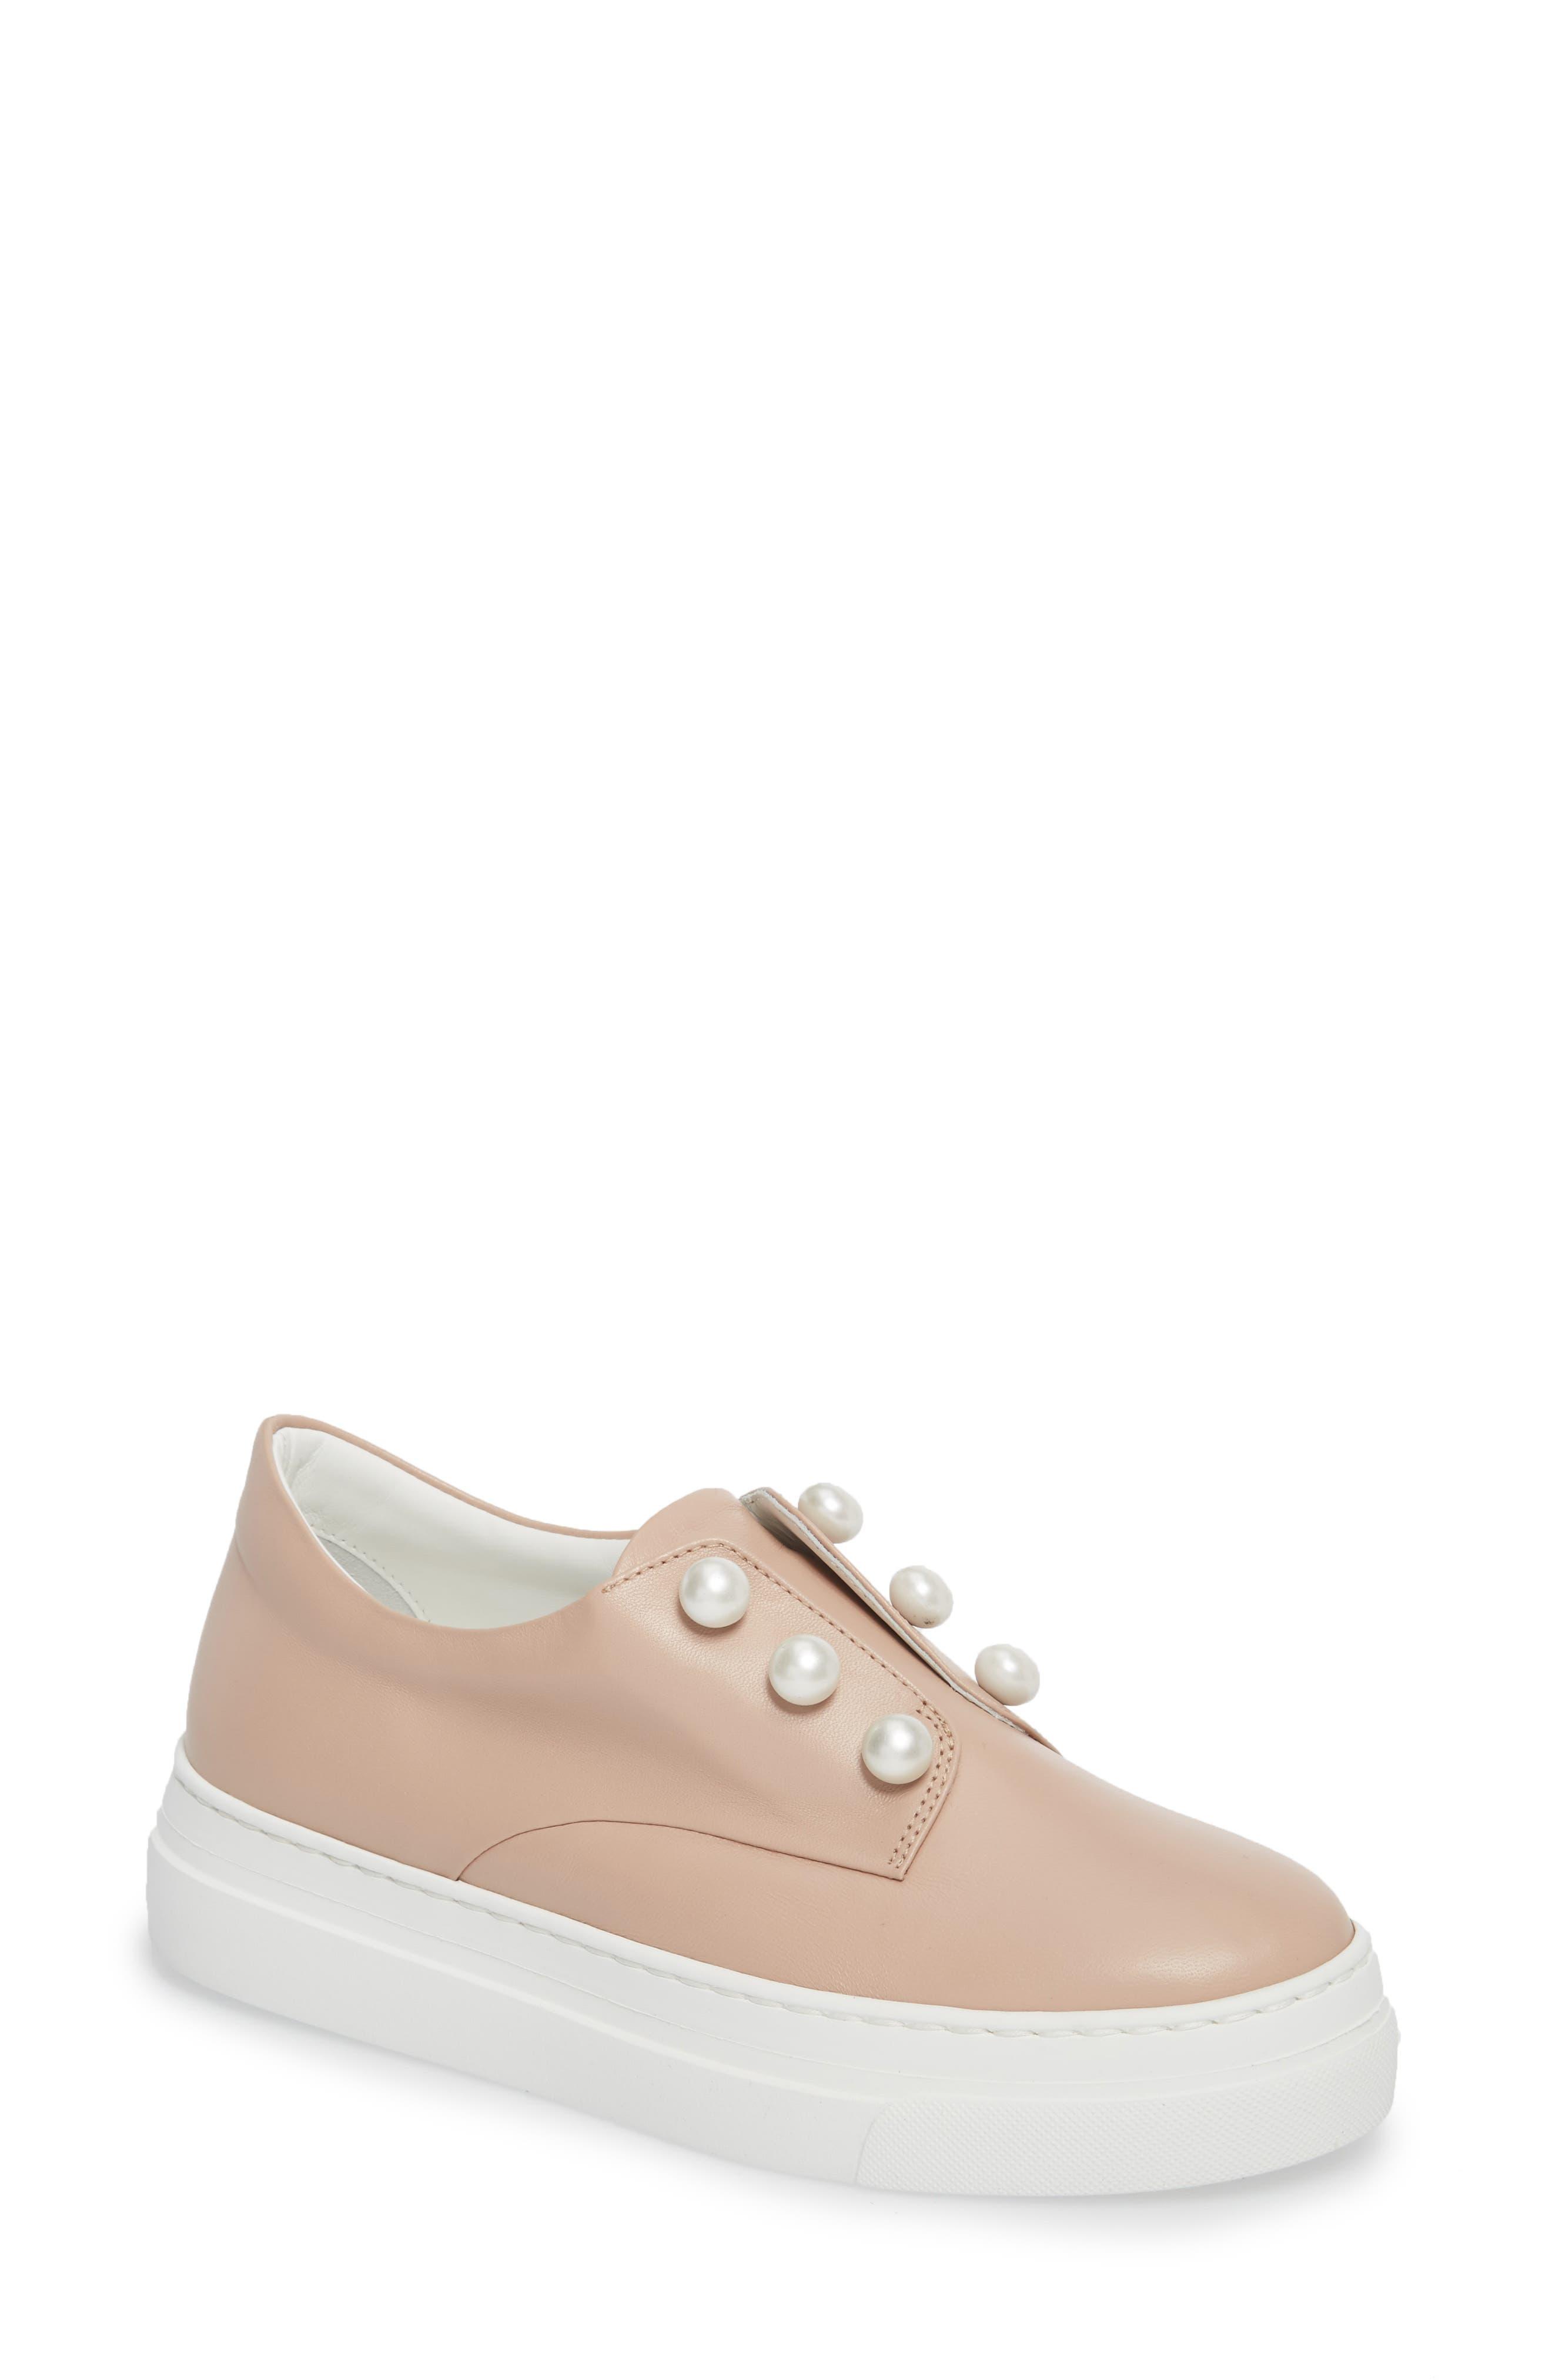 Lewit Mara Slip-On Sneaker (Women)